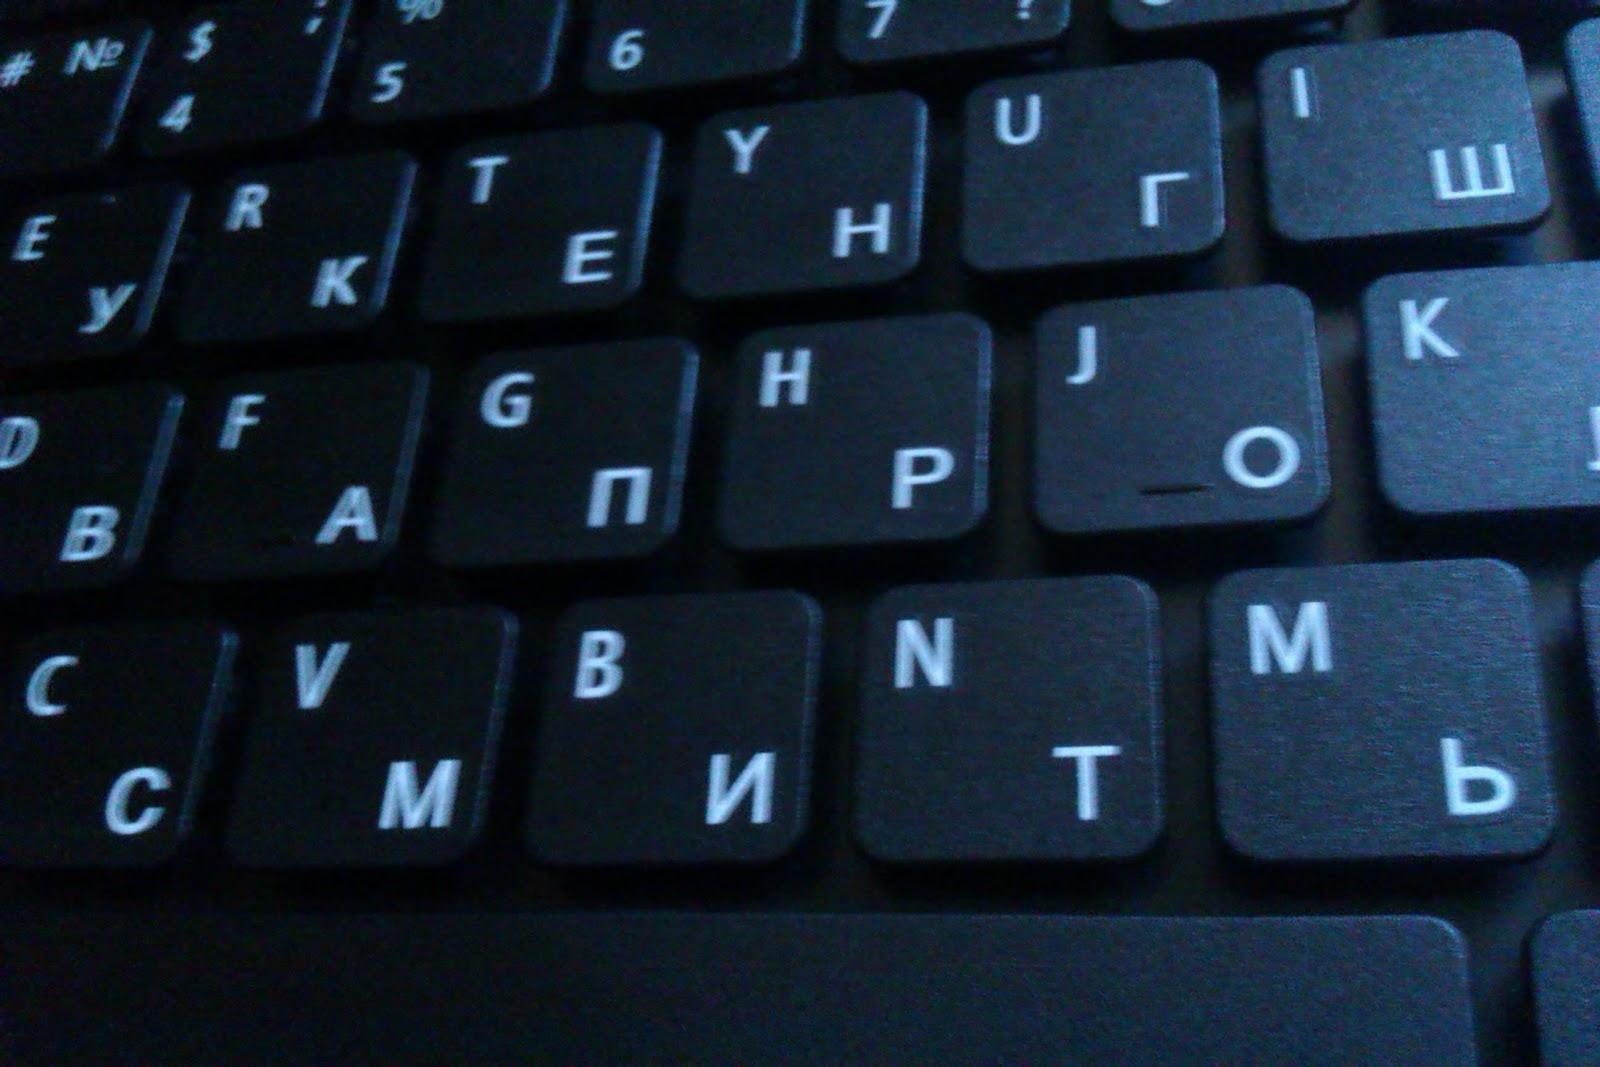 Почему не работает клавиша на клавиатуре